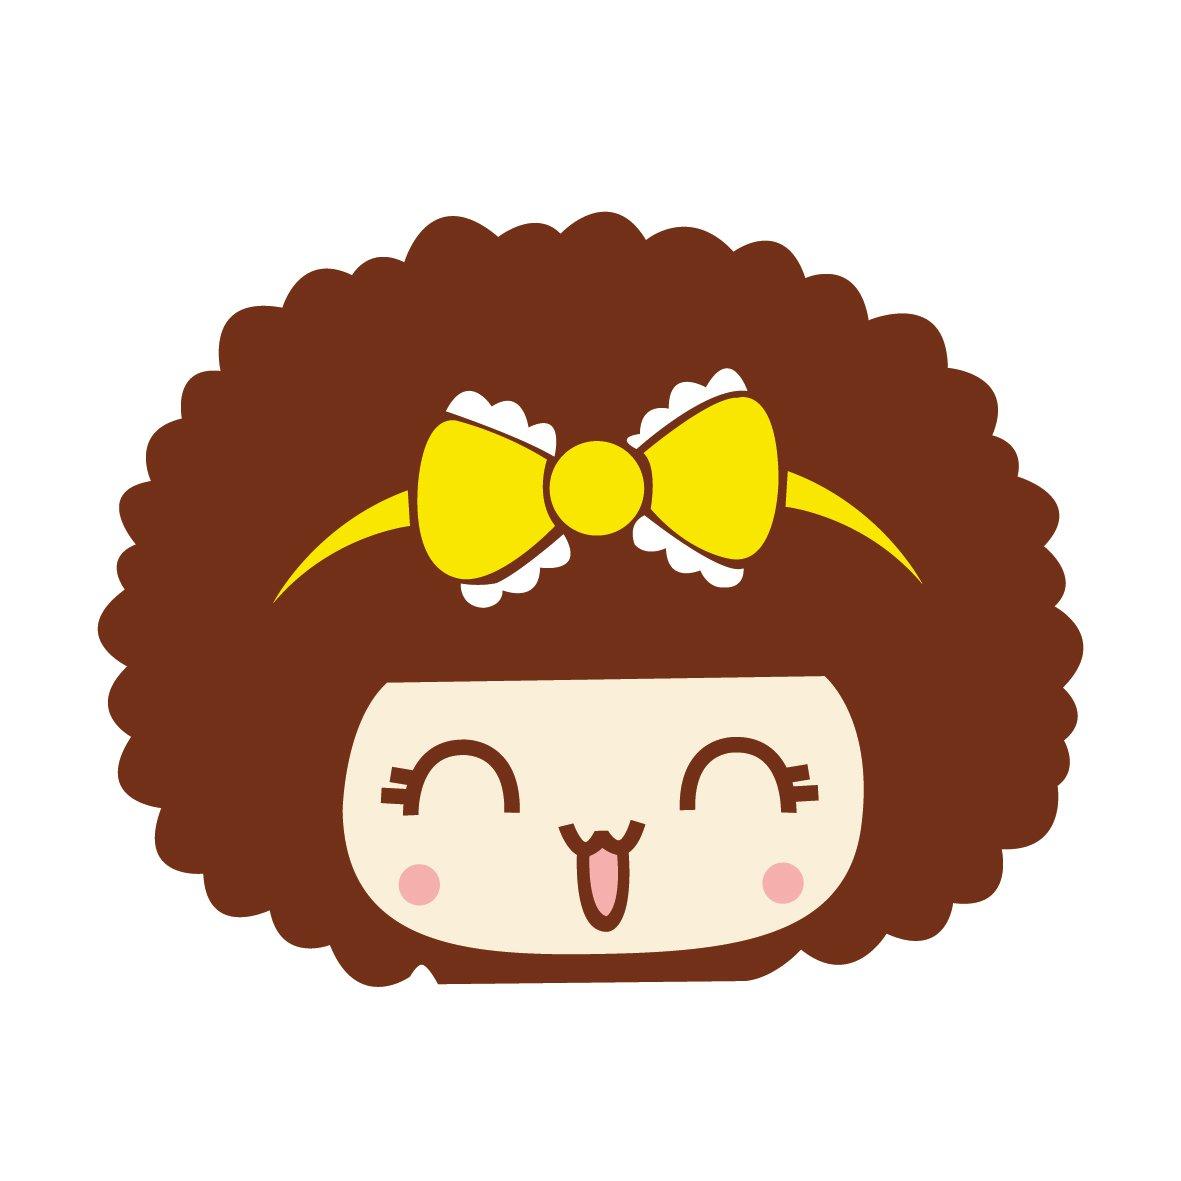 mocmoc 摩丝娃娃黄色蕾丝蝴蝶结 汽车划痕贴 搞笑可爱卡通 个性贴纸